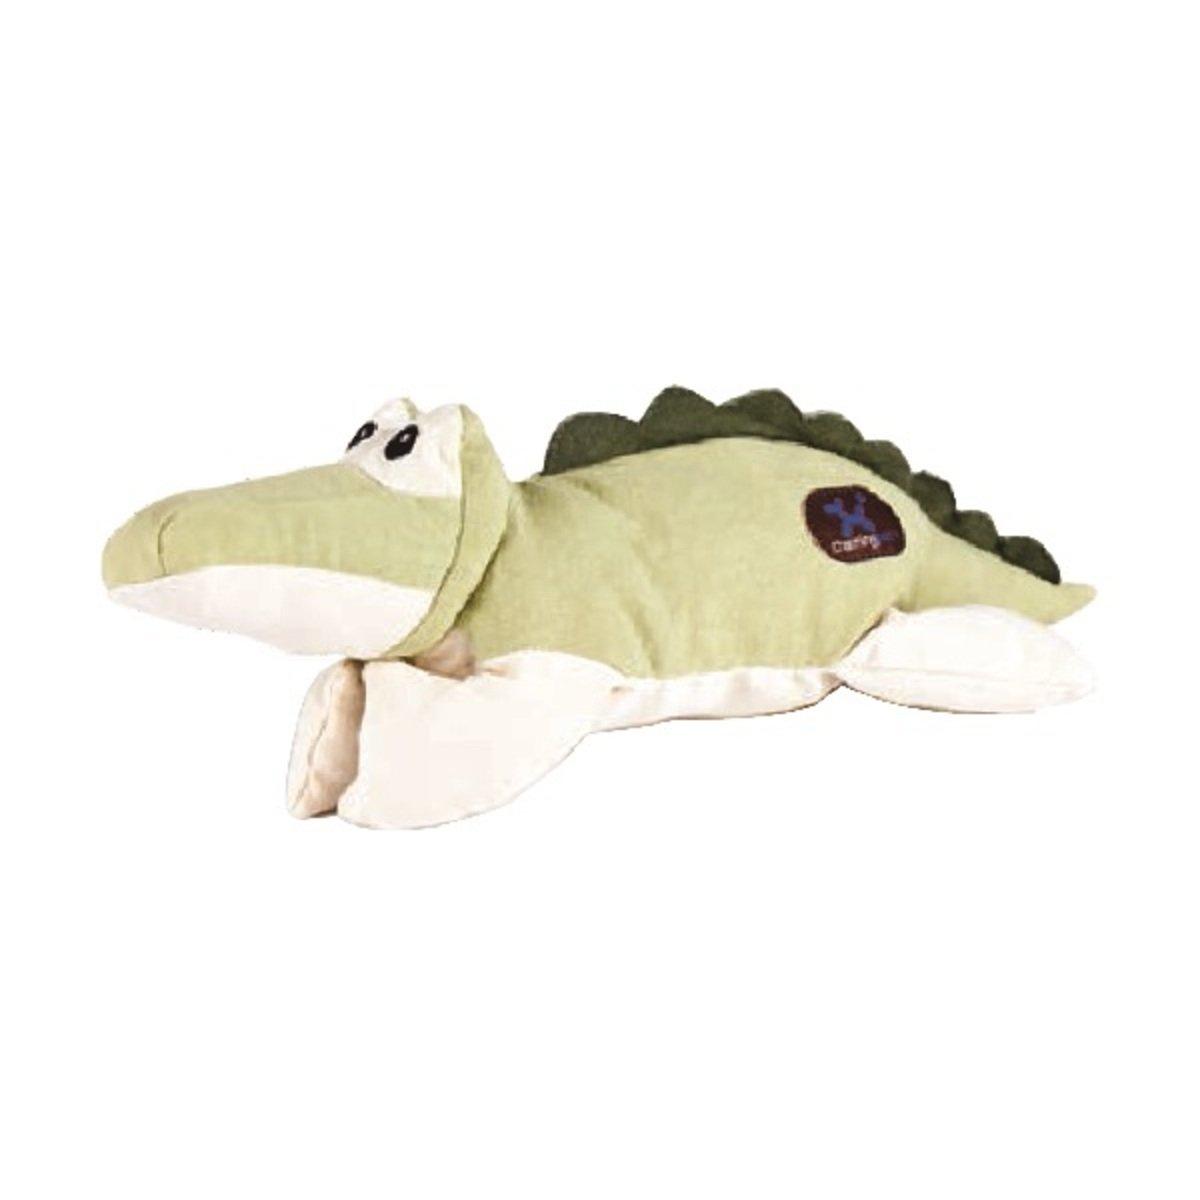 寵物天然環保發聲玩具 ﹣短吻鱷